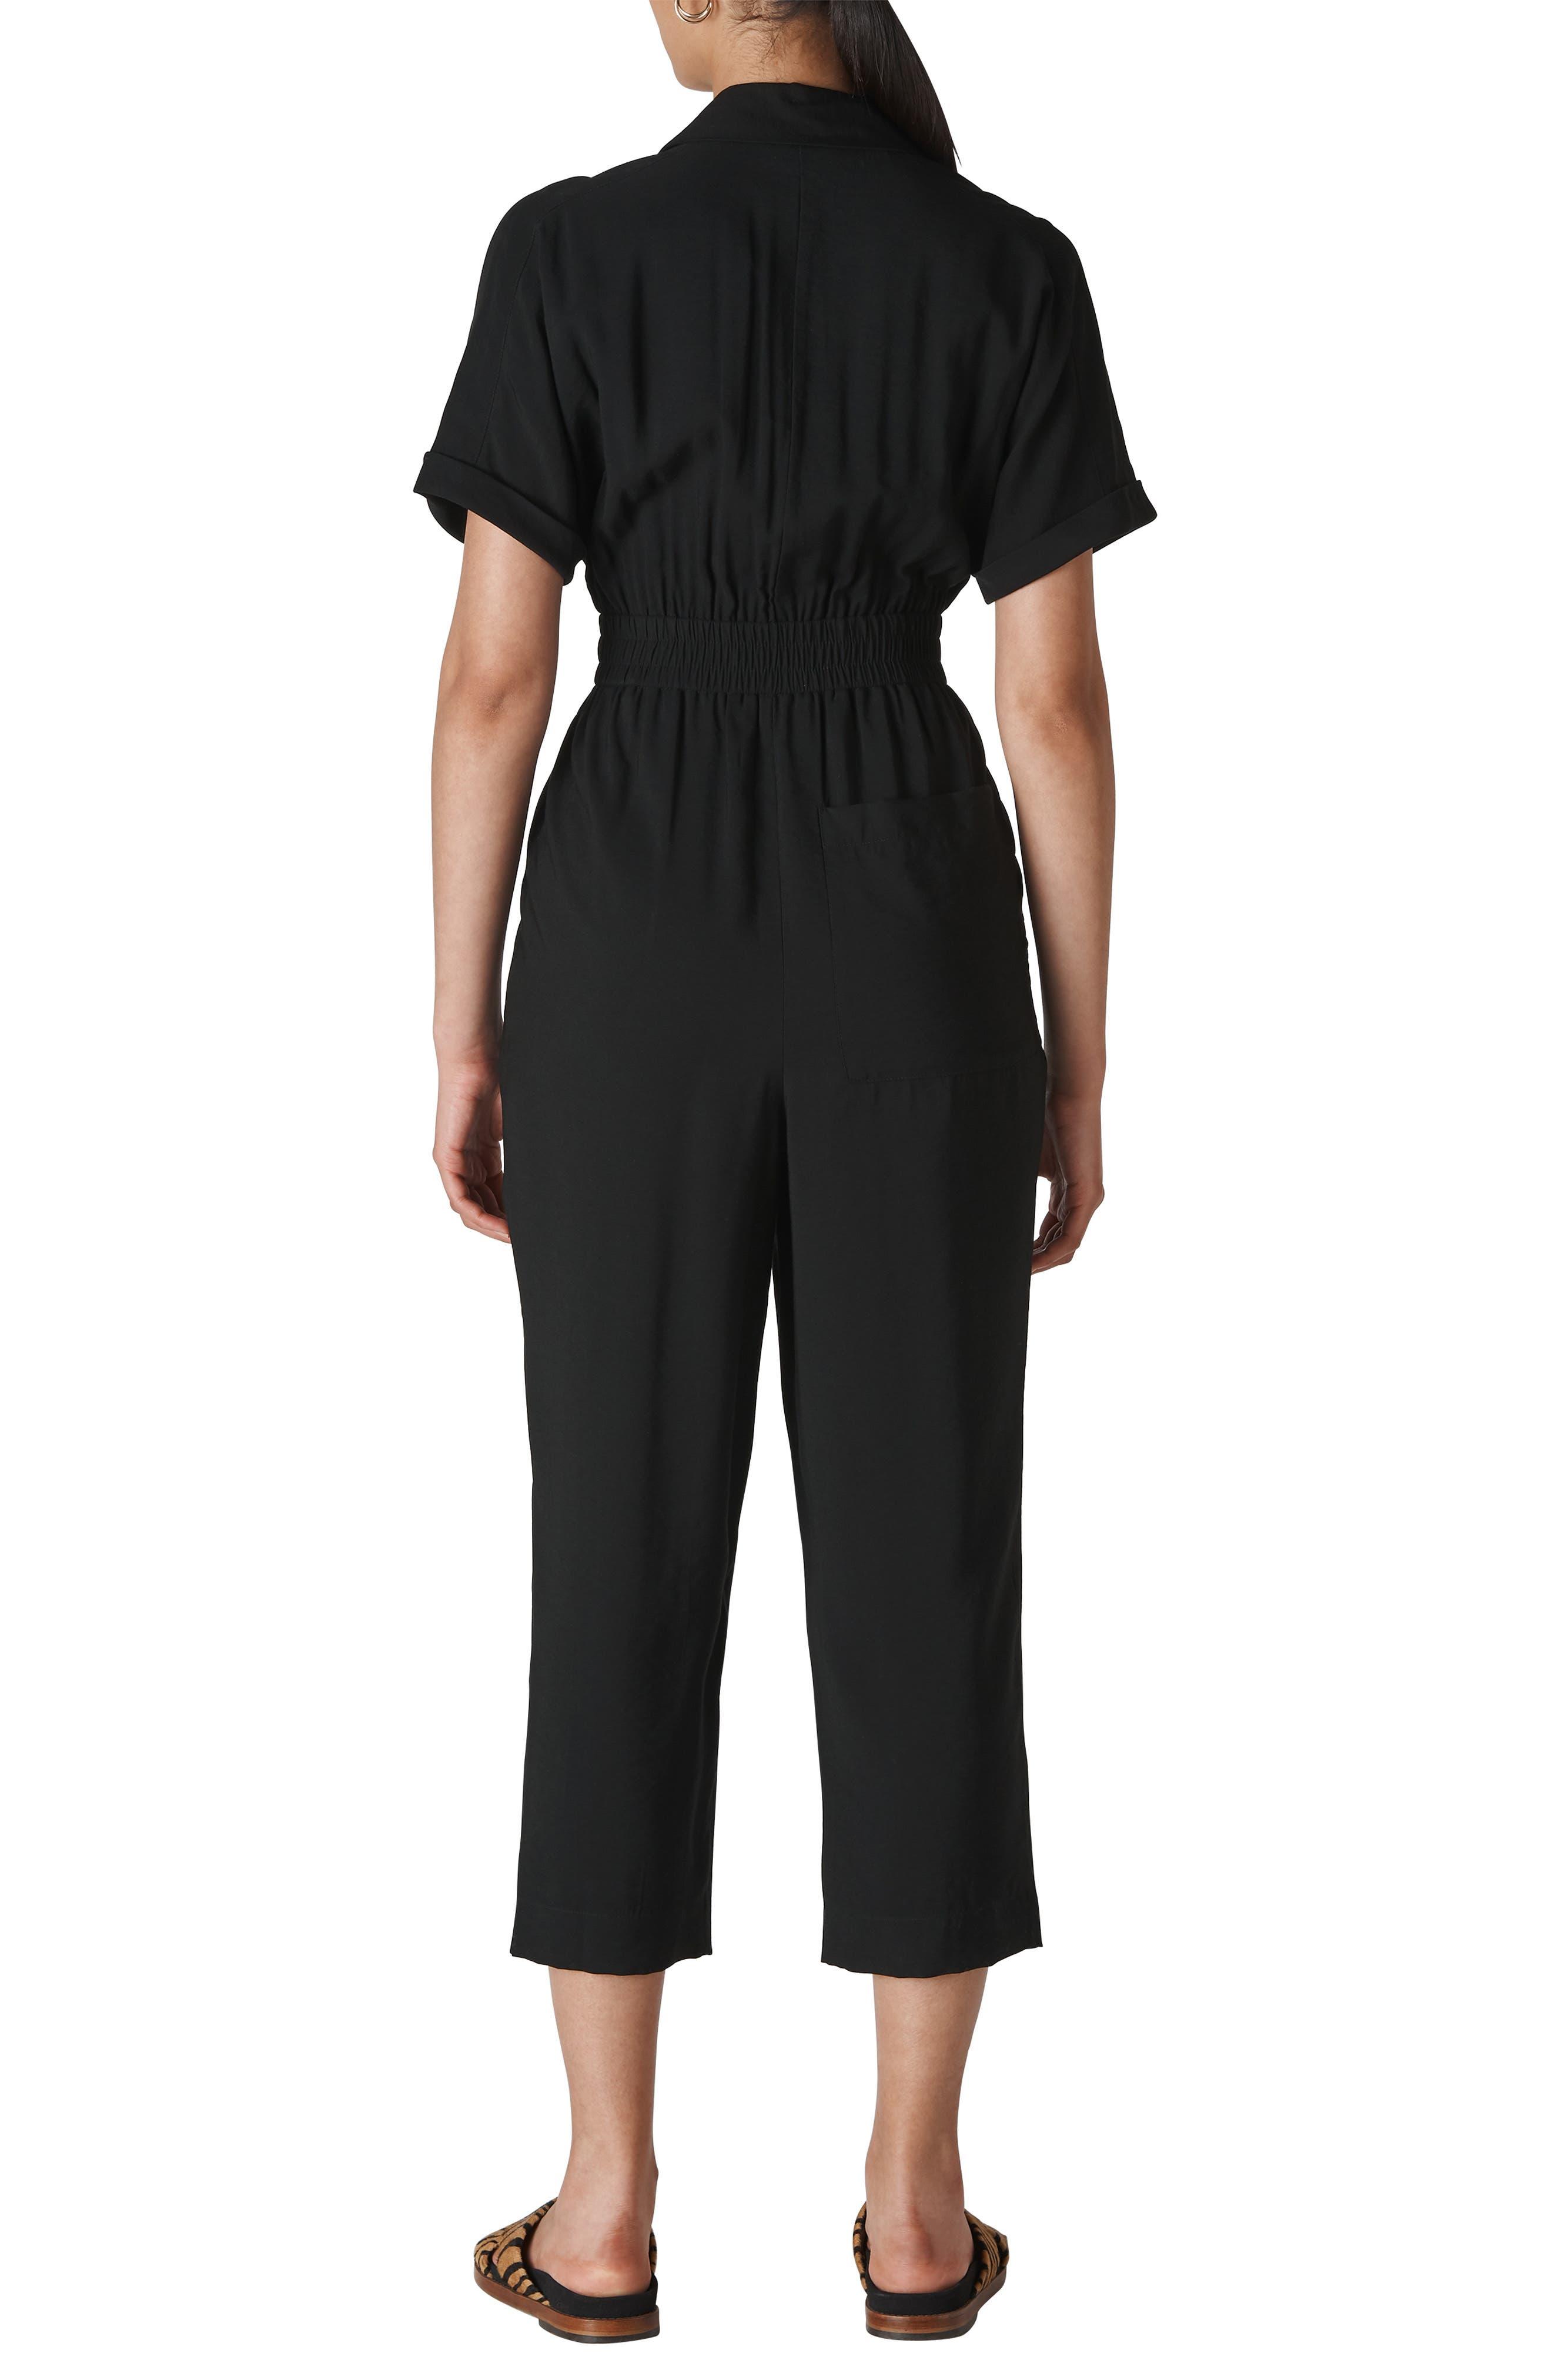 Whistles Suits Lidia Crop Jumpsuit